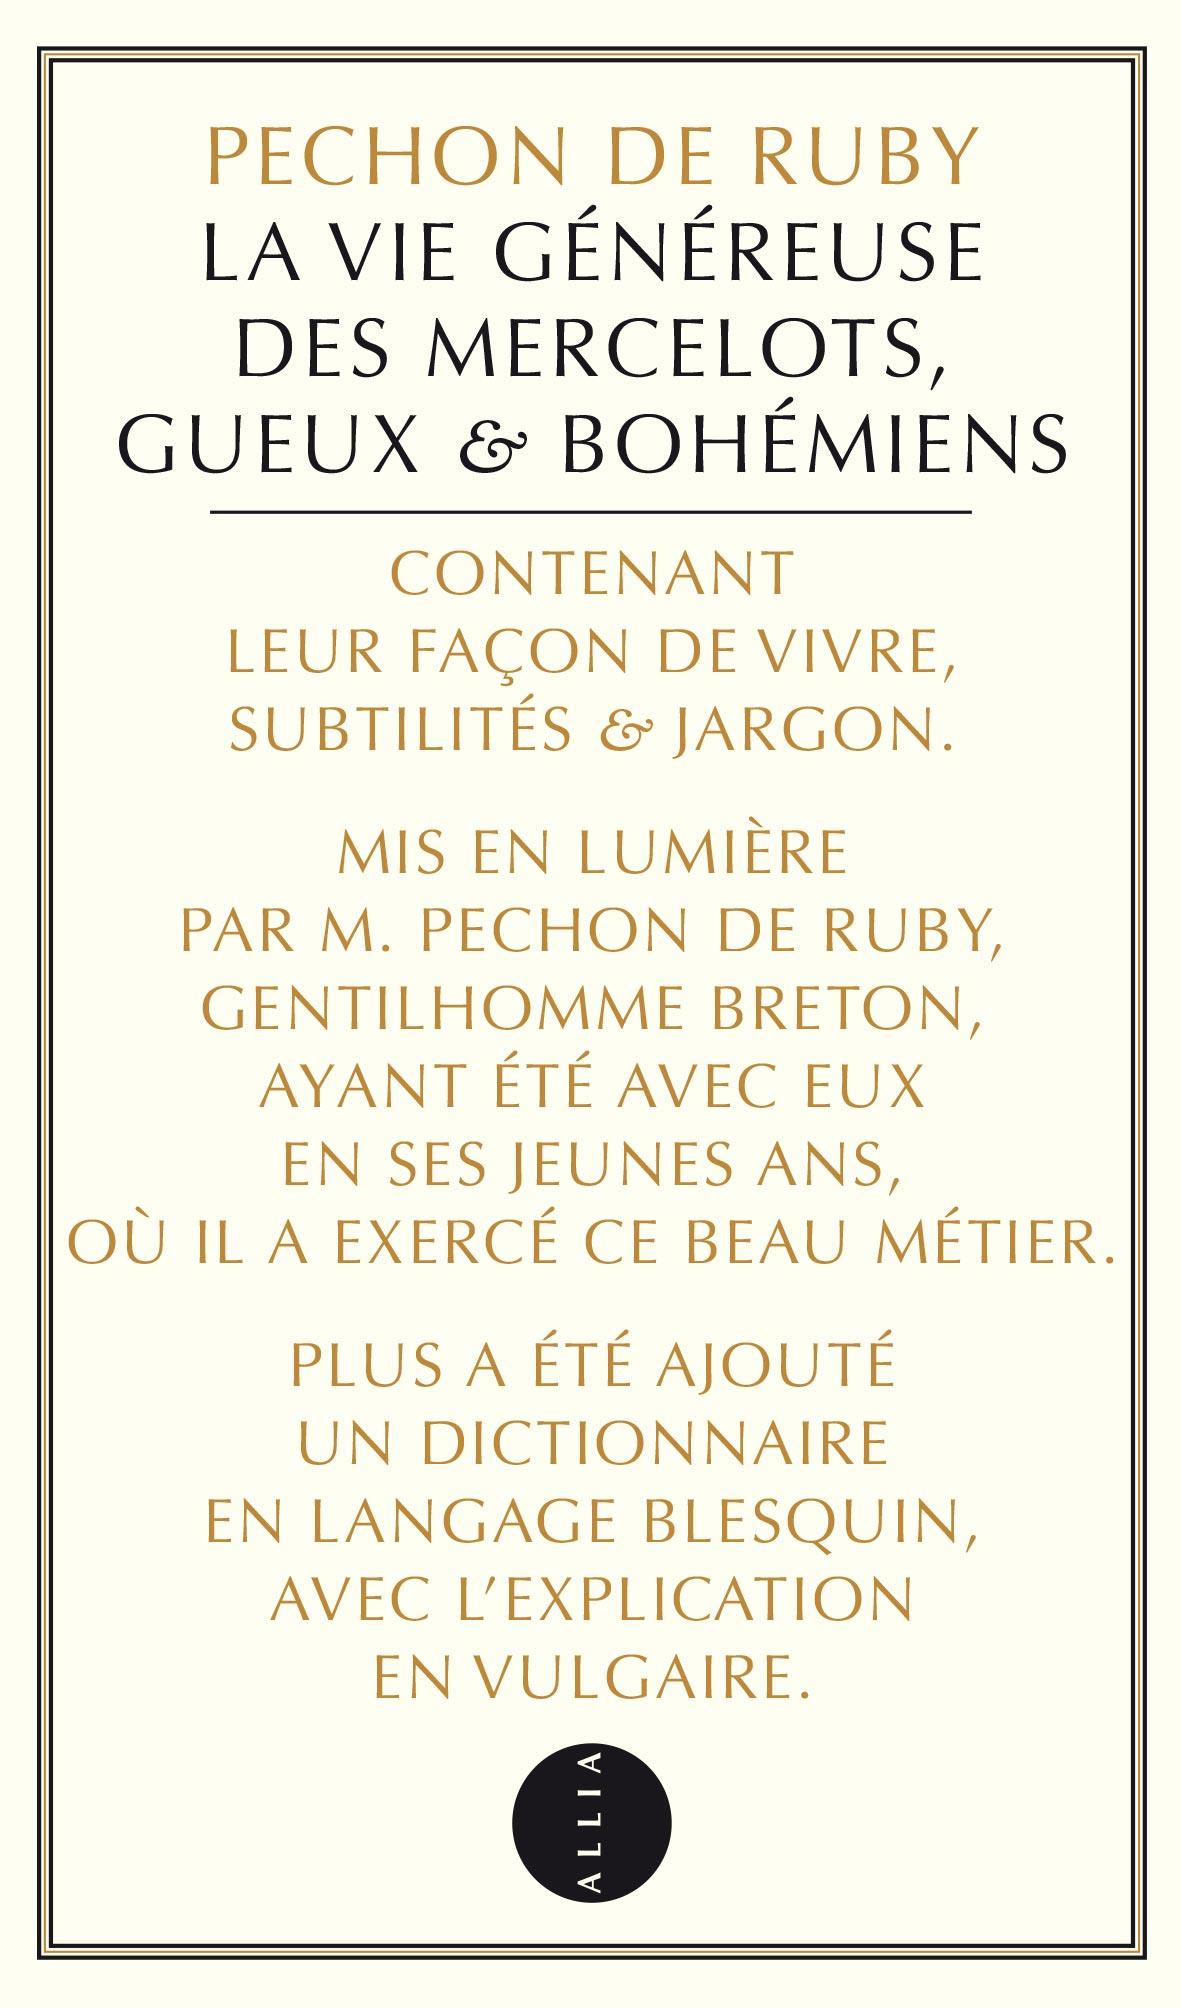 P. de Ruby, La Vie généreuse des Mercelots, Gueux & Bohémiens (éd. R. Weber)